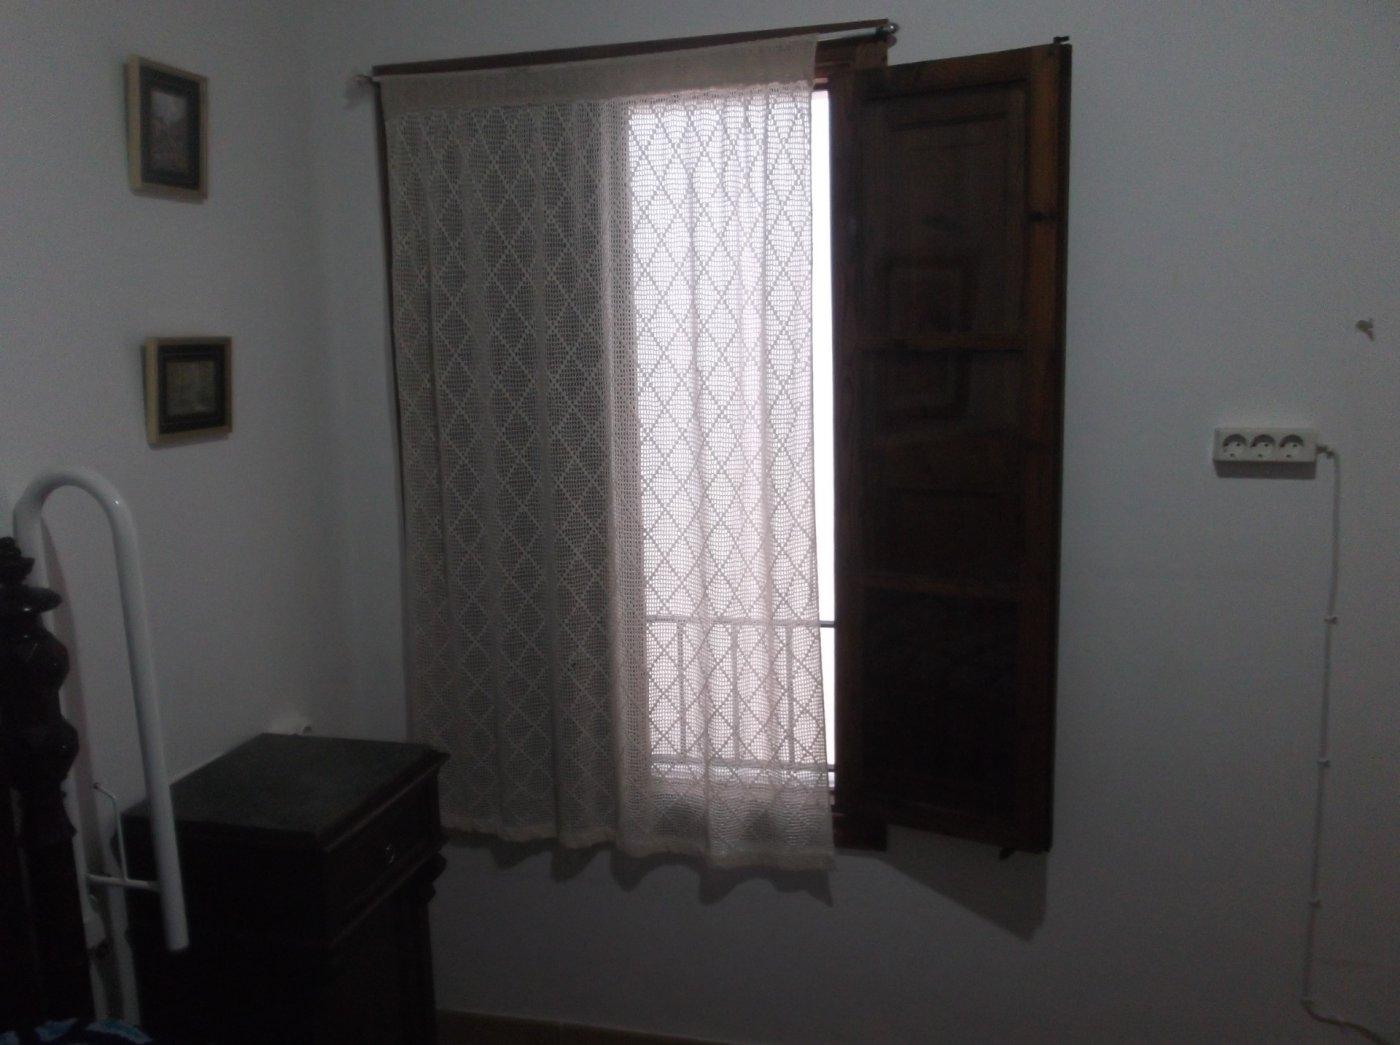 En venta casa de pueblo reformada 3 alturas estilo mallorquin centro llucmajor - imagenInmueble22